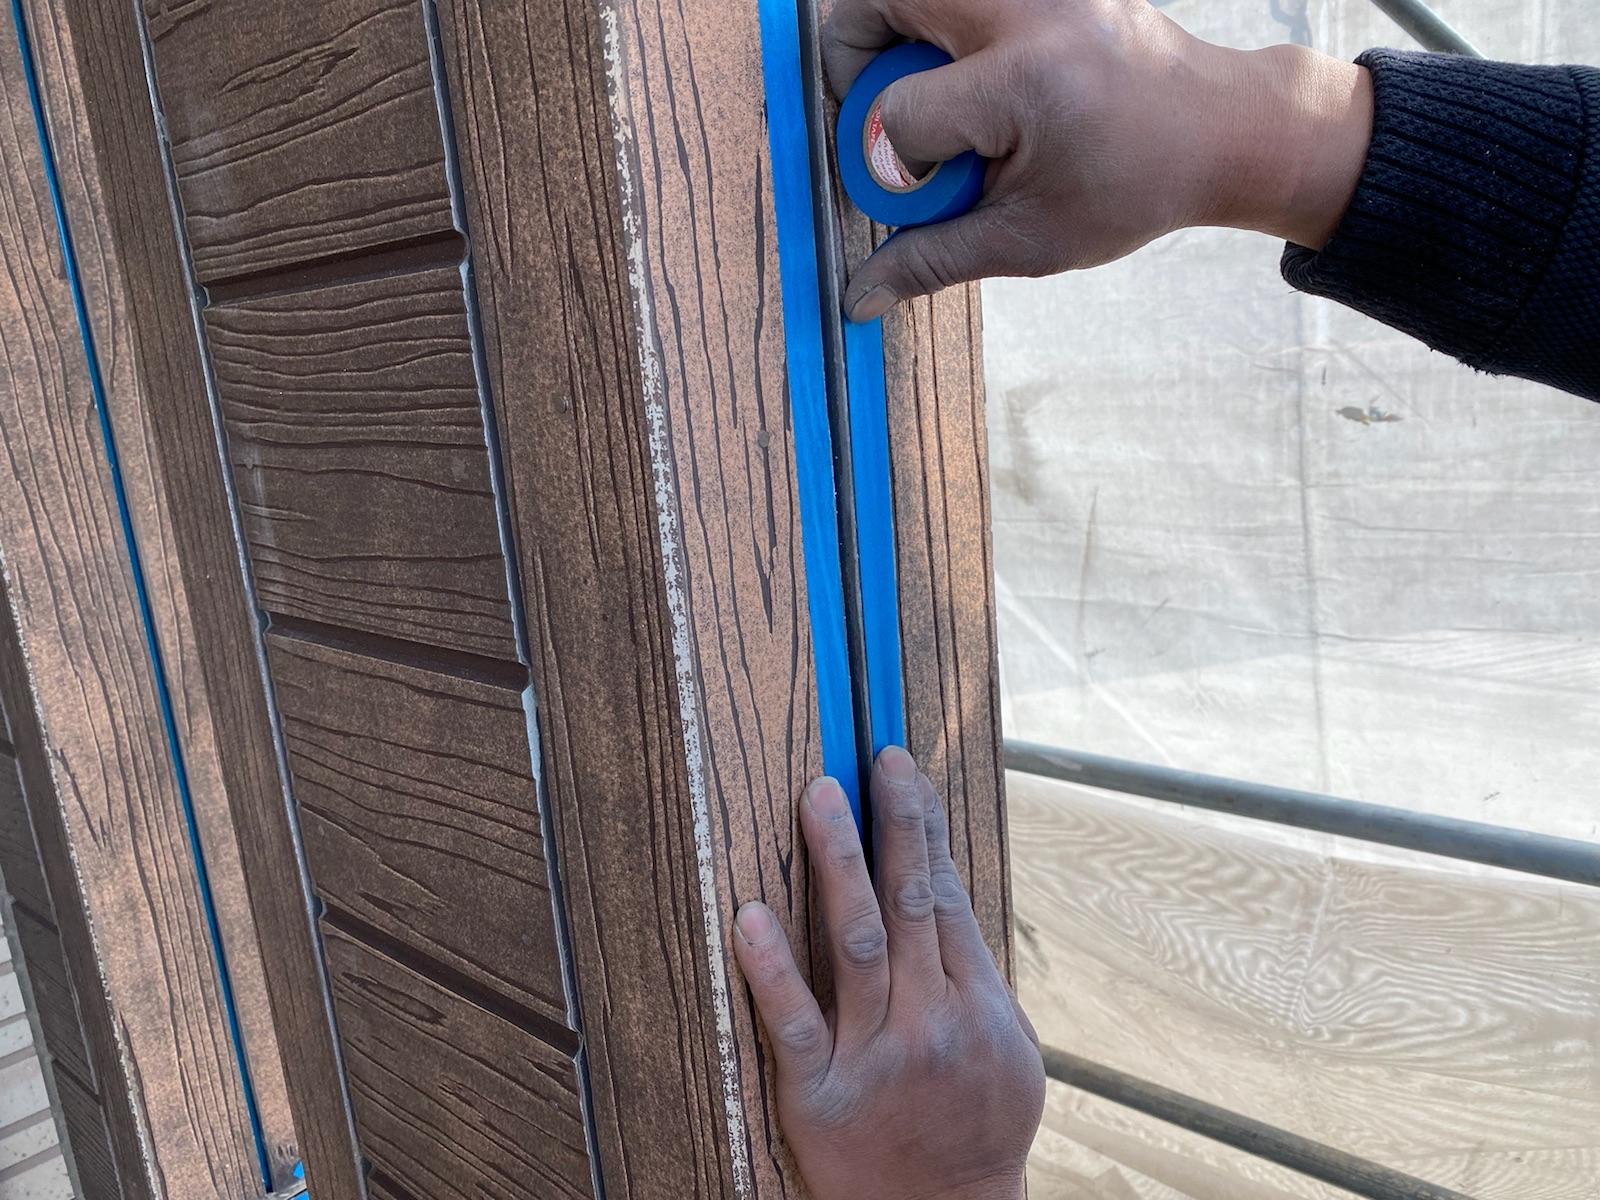 西尾市、西三河、外壁塗装、塗り替え、色決め、アステック、ASTEC、3分艶、マウンテンブルー、テラコッタ、2トーン、サイディング、超低汚染シリコン塗装